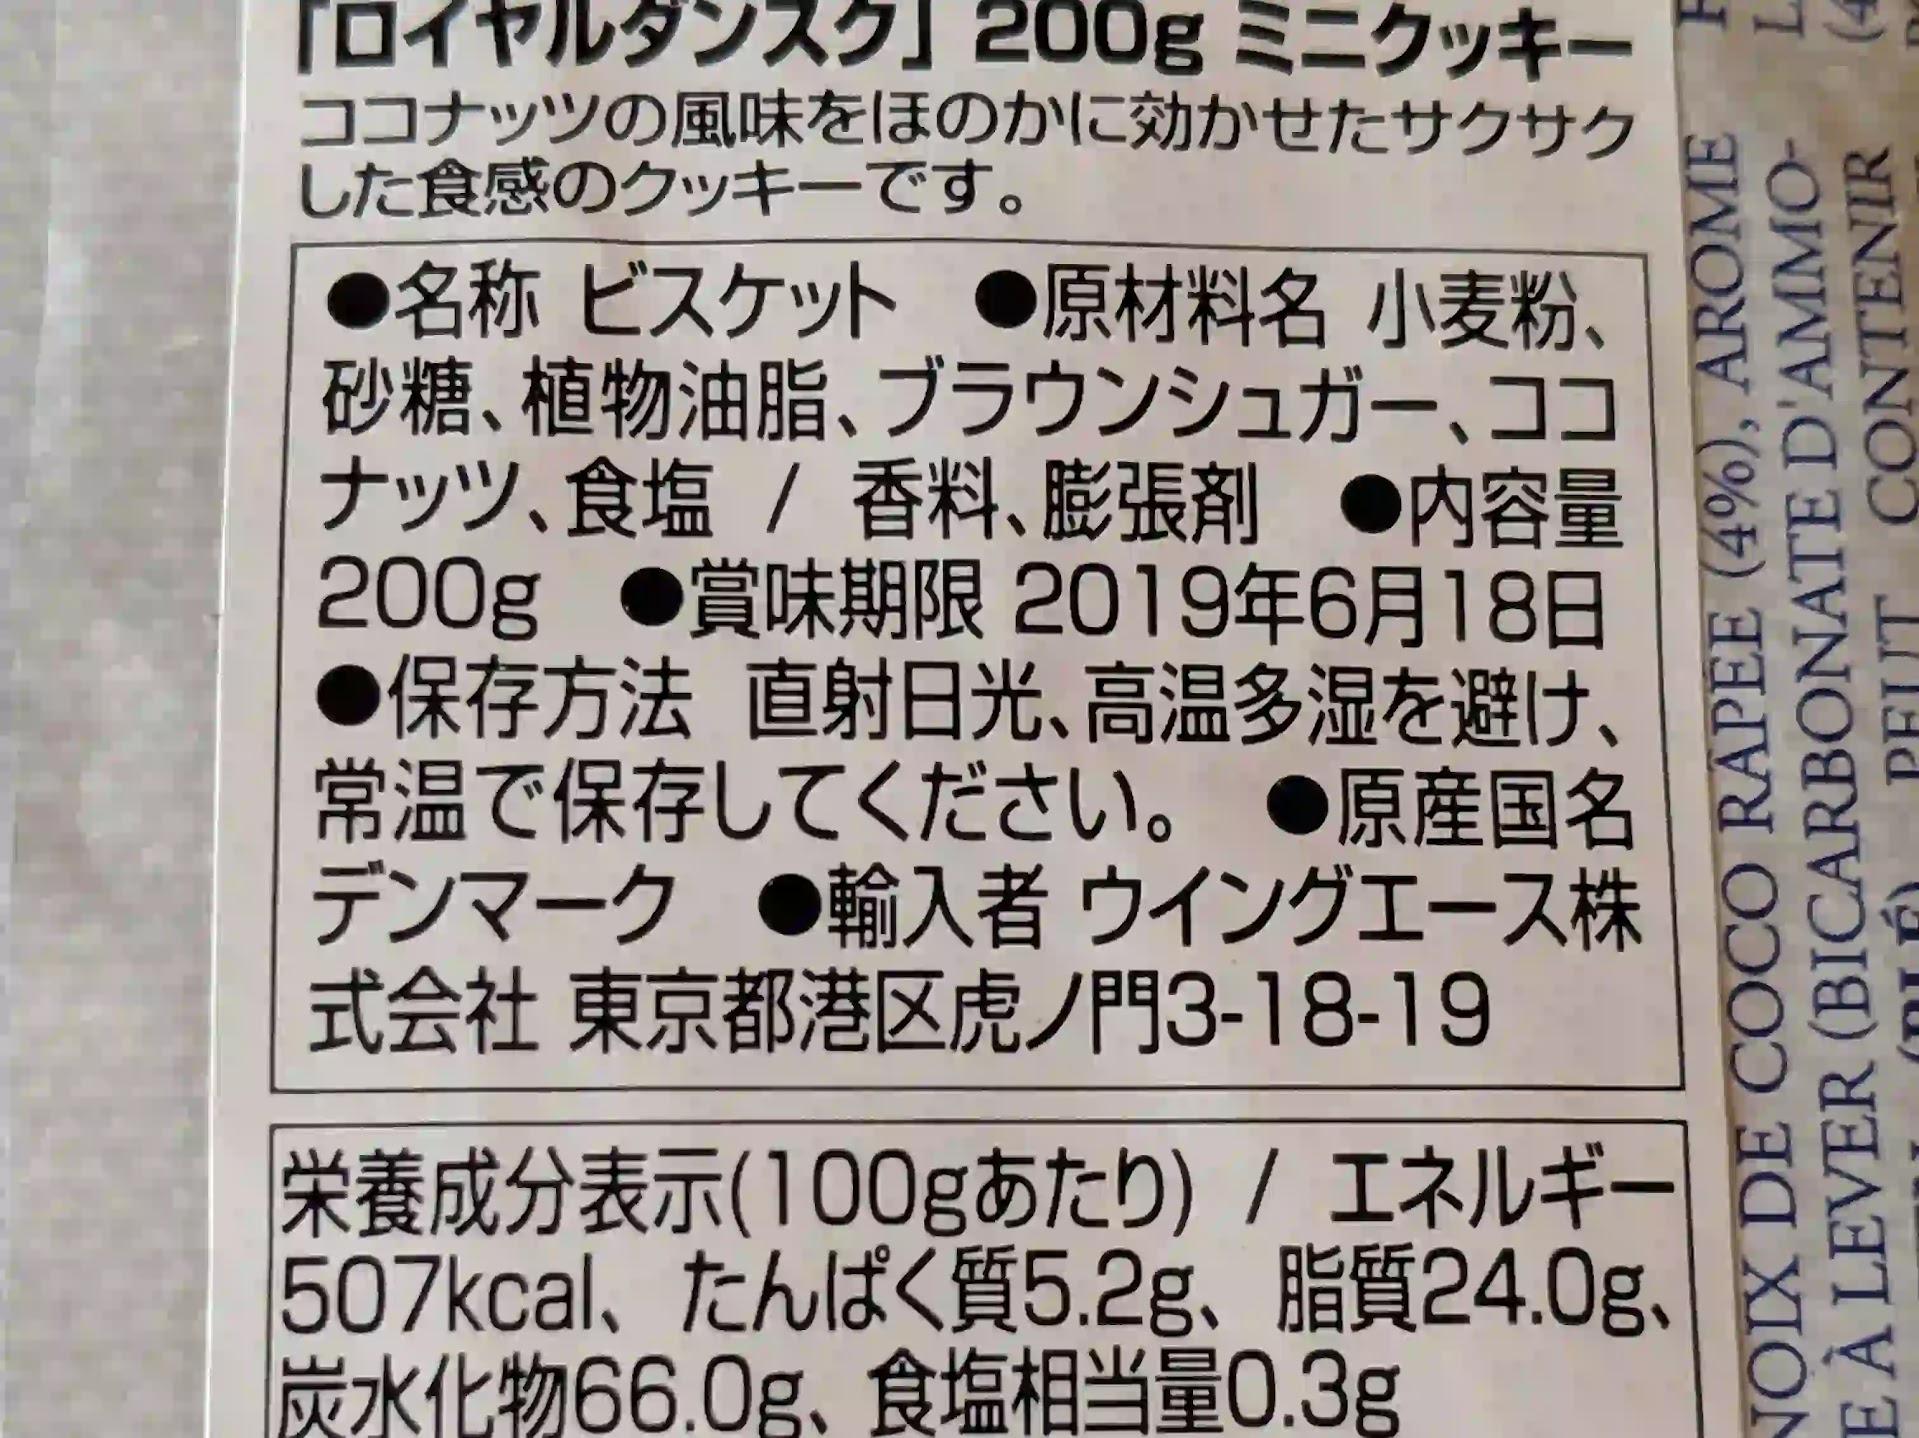 ロイヤルダンスク ミニクッキー 栄養成分表示